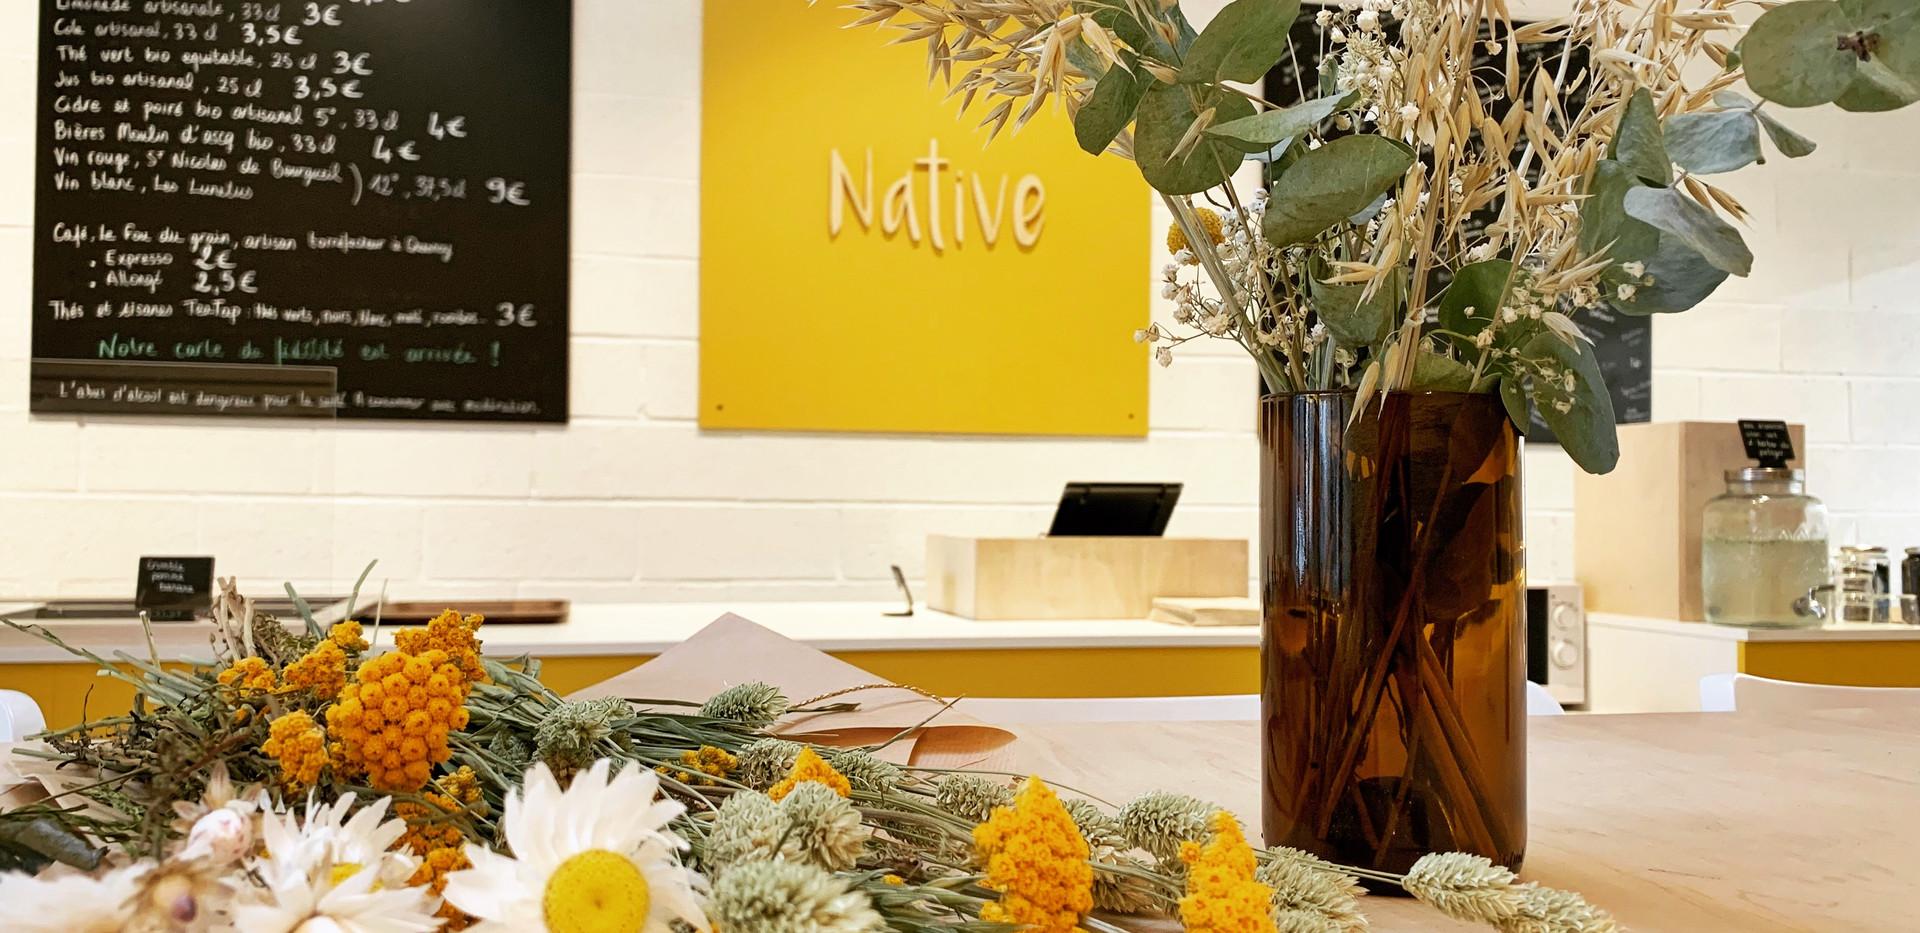 Restaurant Native - Intérieur